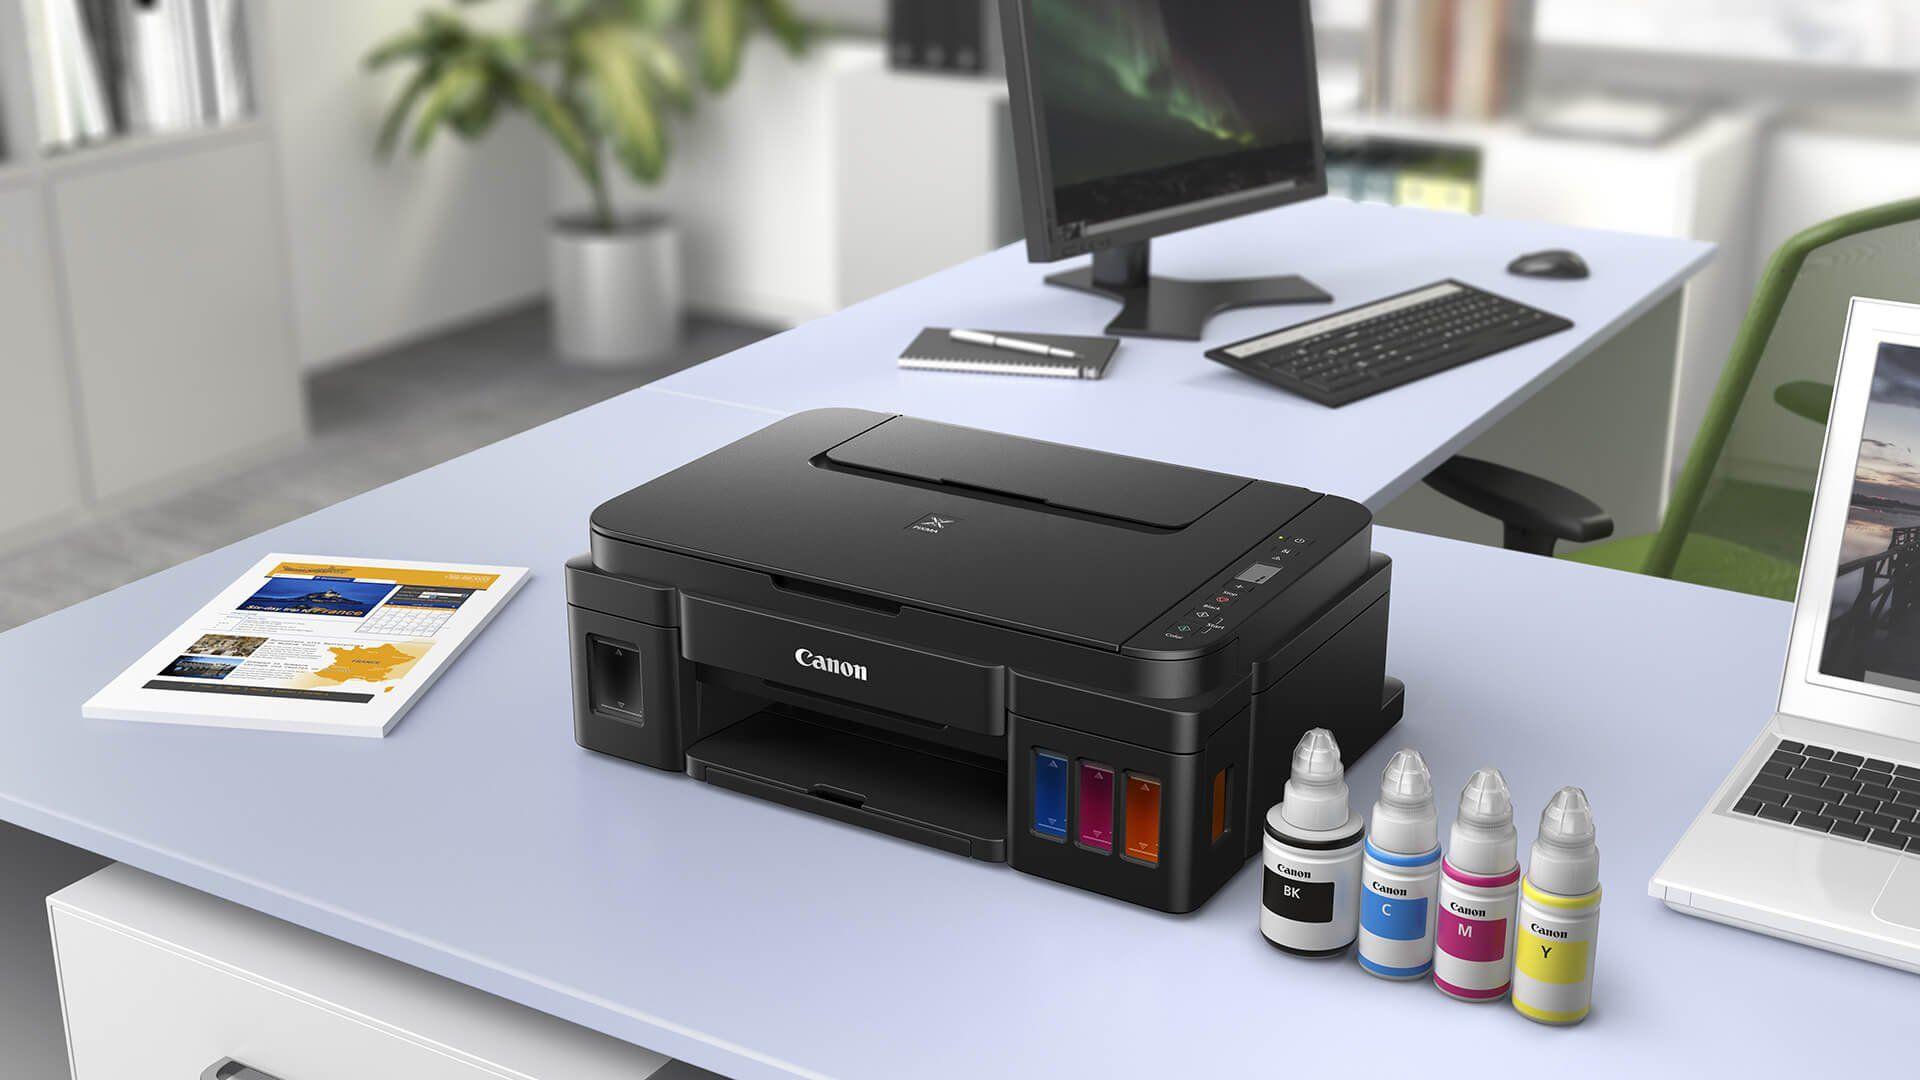 La mejor impresora de inyección de tinta home 2019